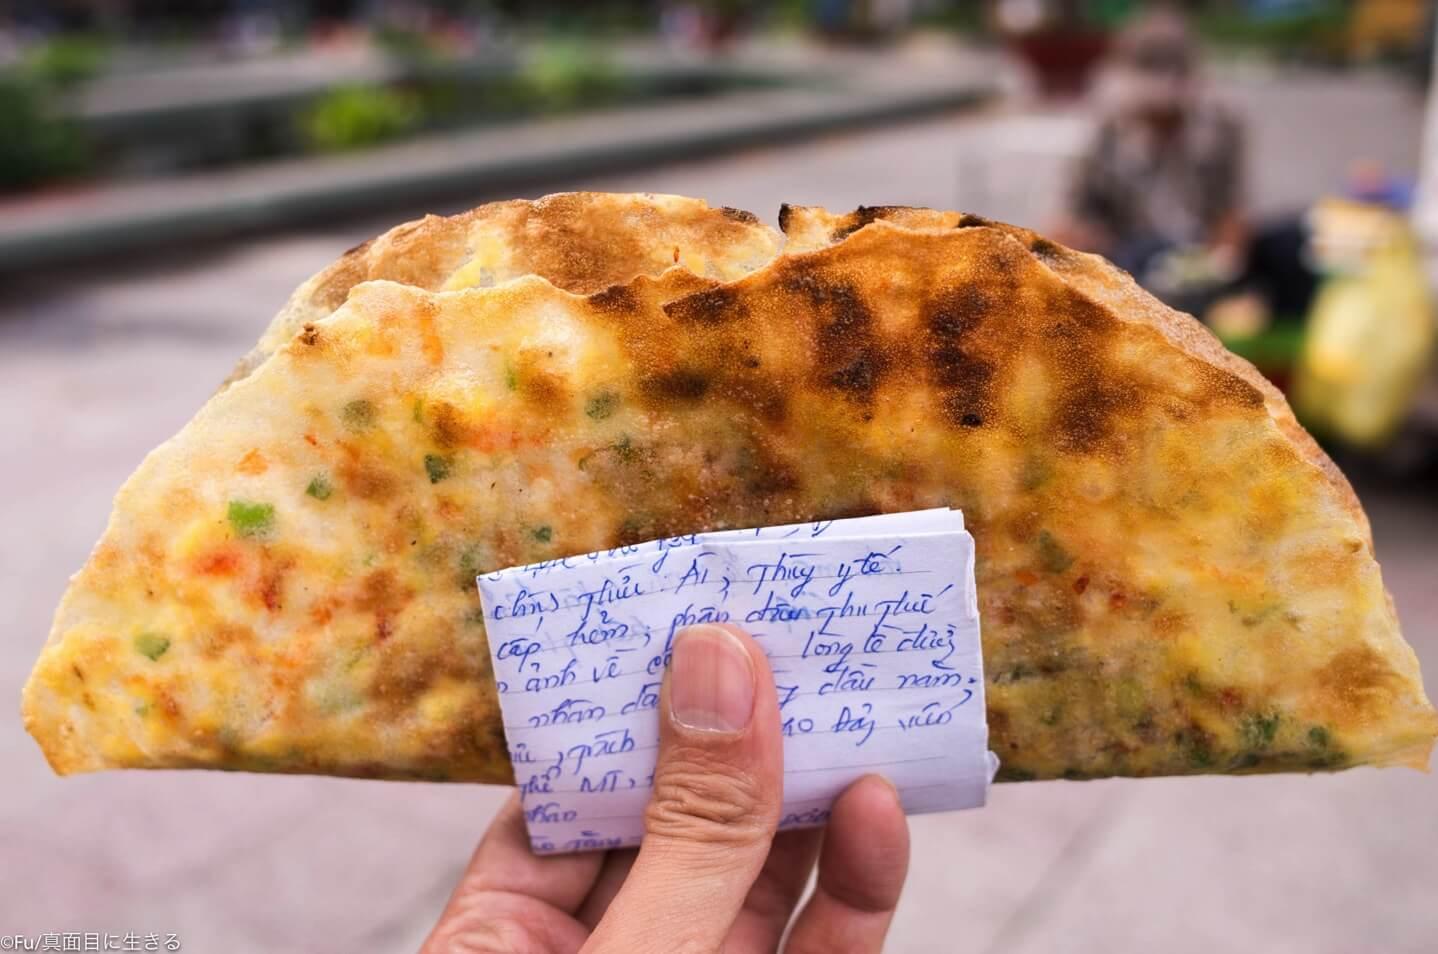 「バン・チャン・ヌン」ライスペーパーをパリッと焼いたベトナムのおやつ【ストリートフード・屋台料理】